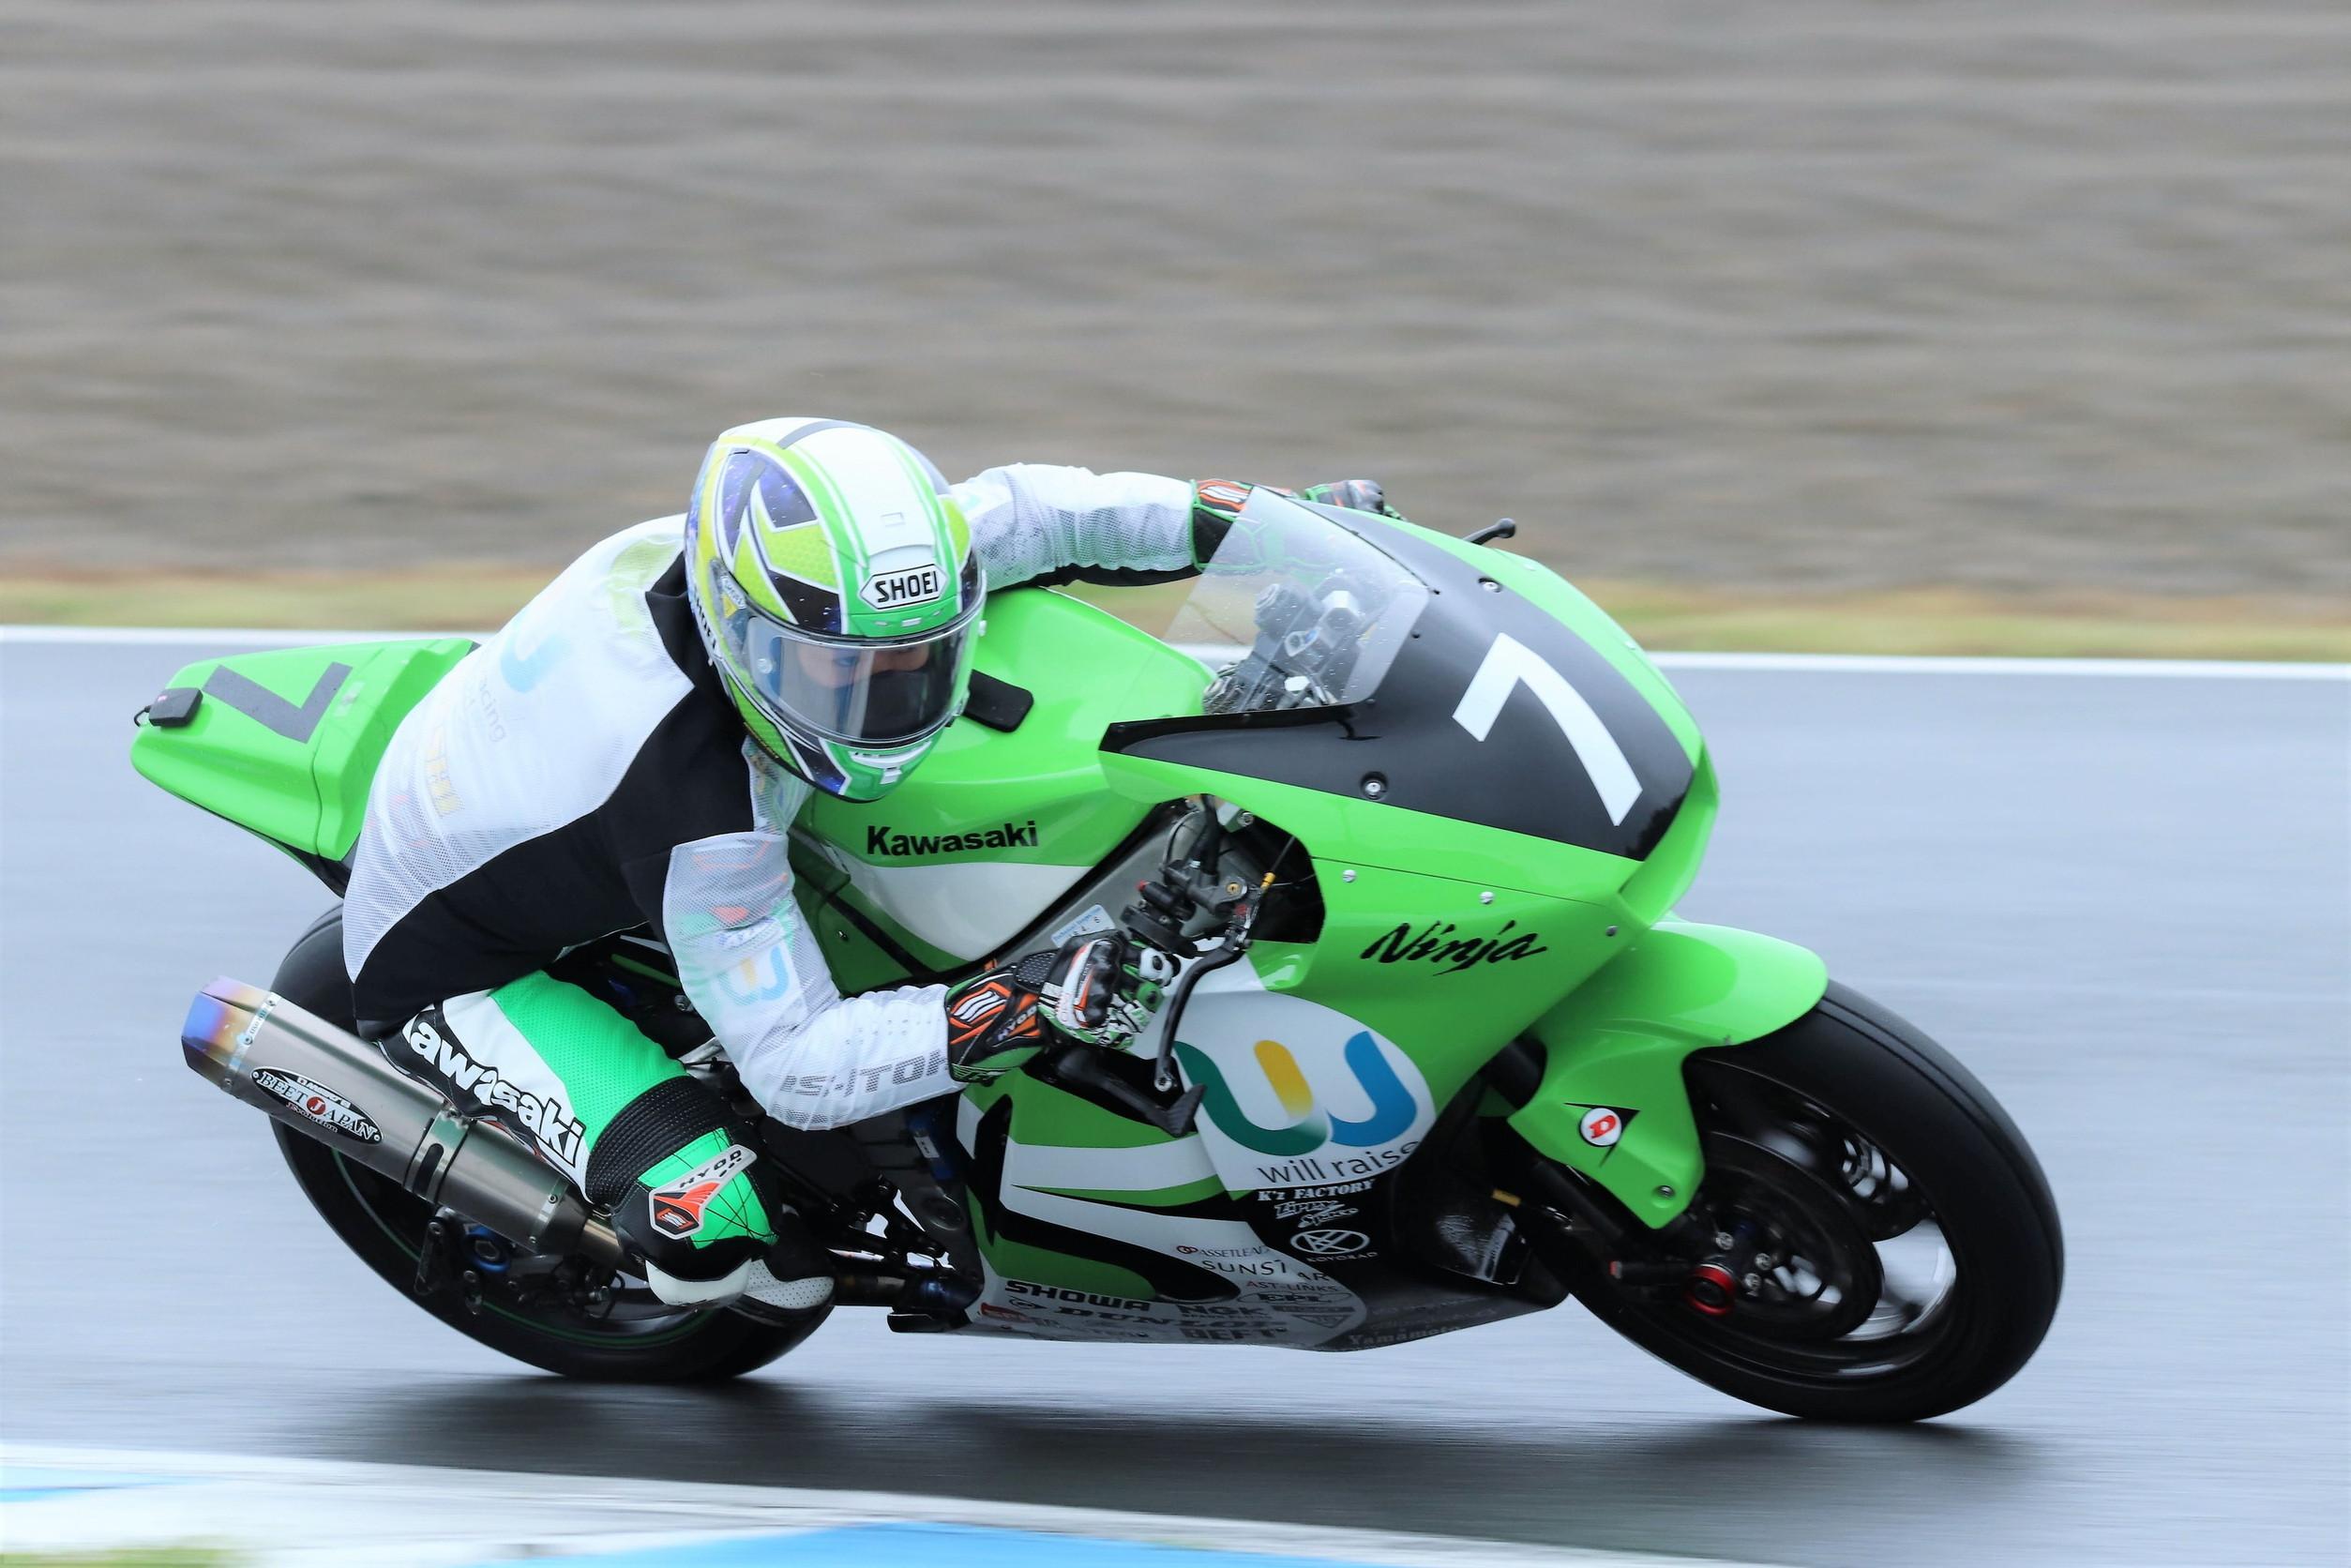 Motorzに全日本ロードレース選手権Rd.1公式予選の取材記事が公開されました。